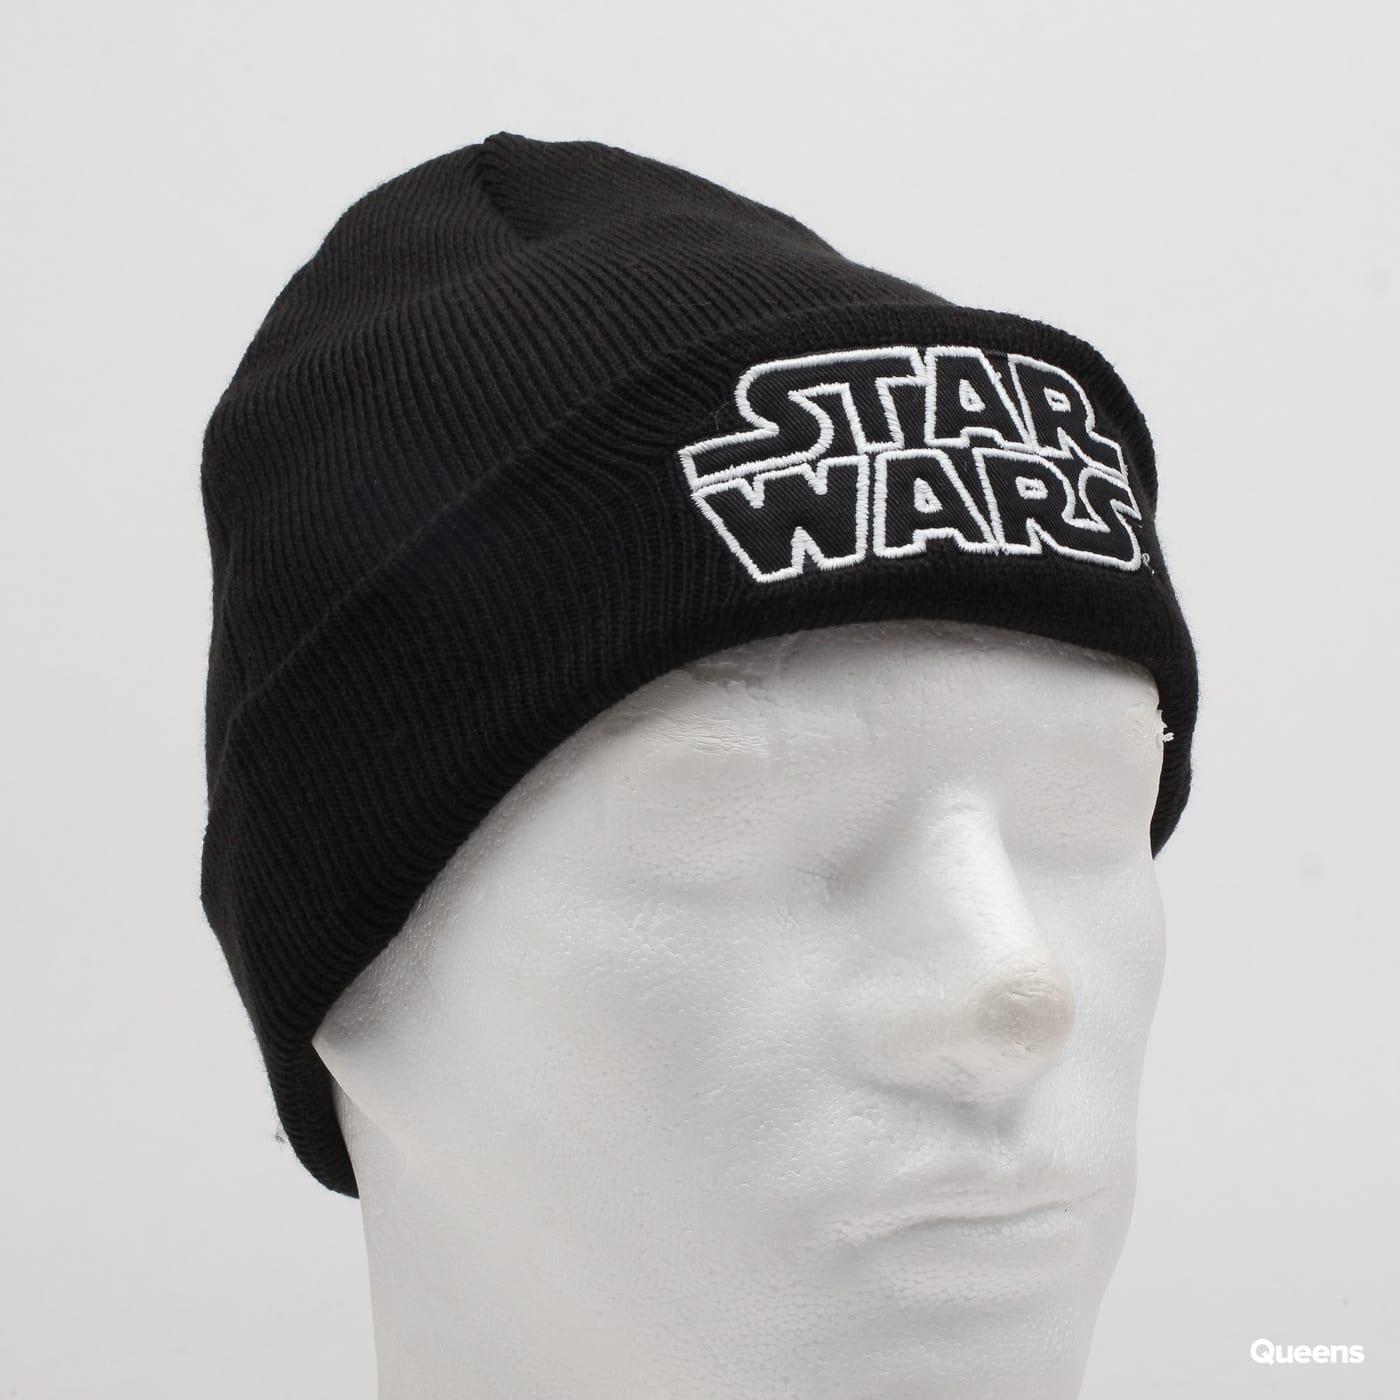 new product e9661 26877 Hat New Era Kids GITD Cuff Star Wars black (11794784) – Queens 💚